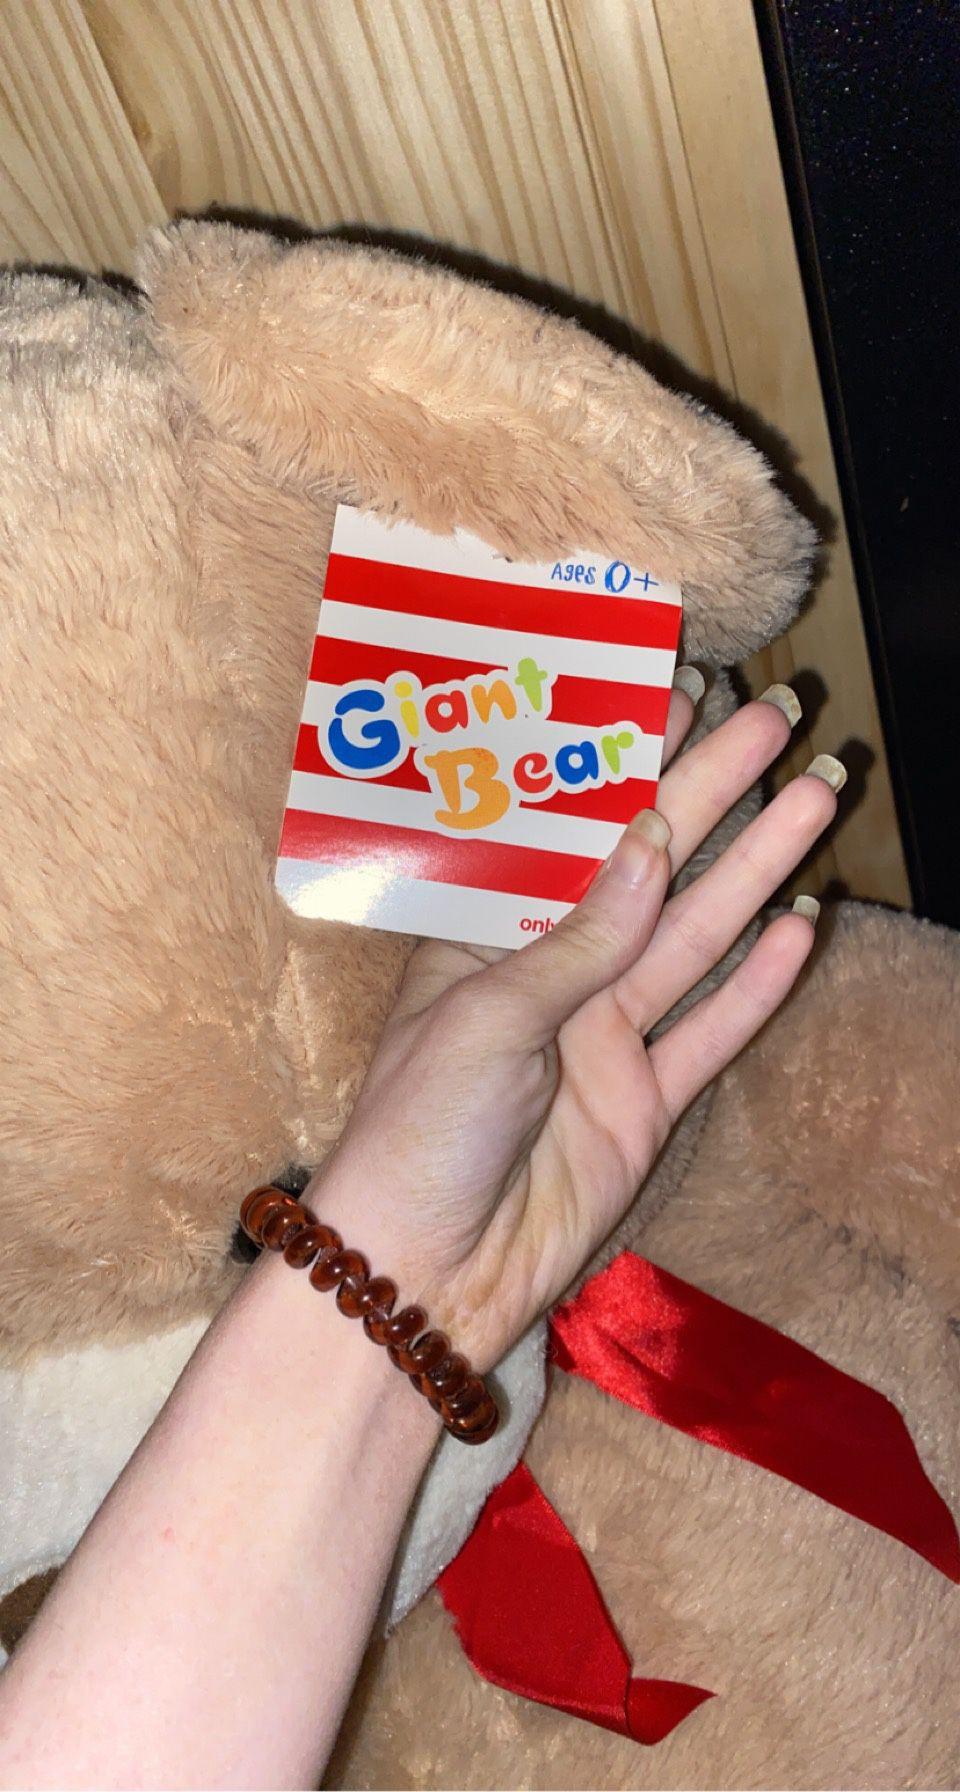 3 Foot Bear Still Has Tags